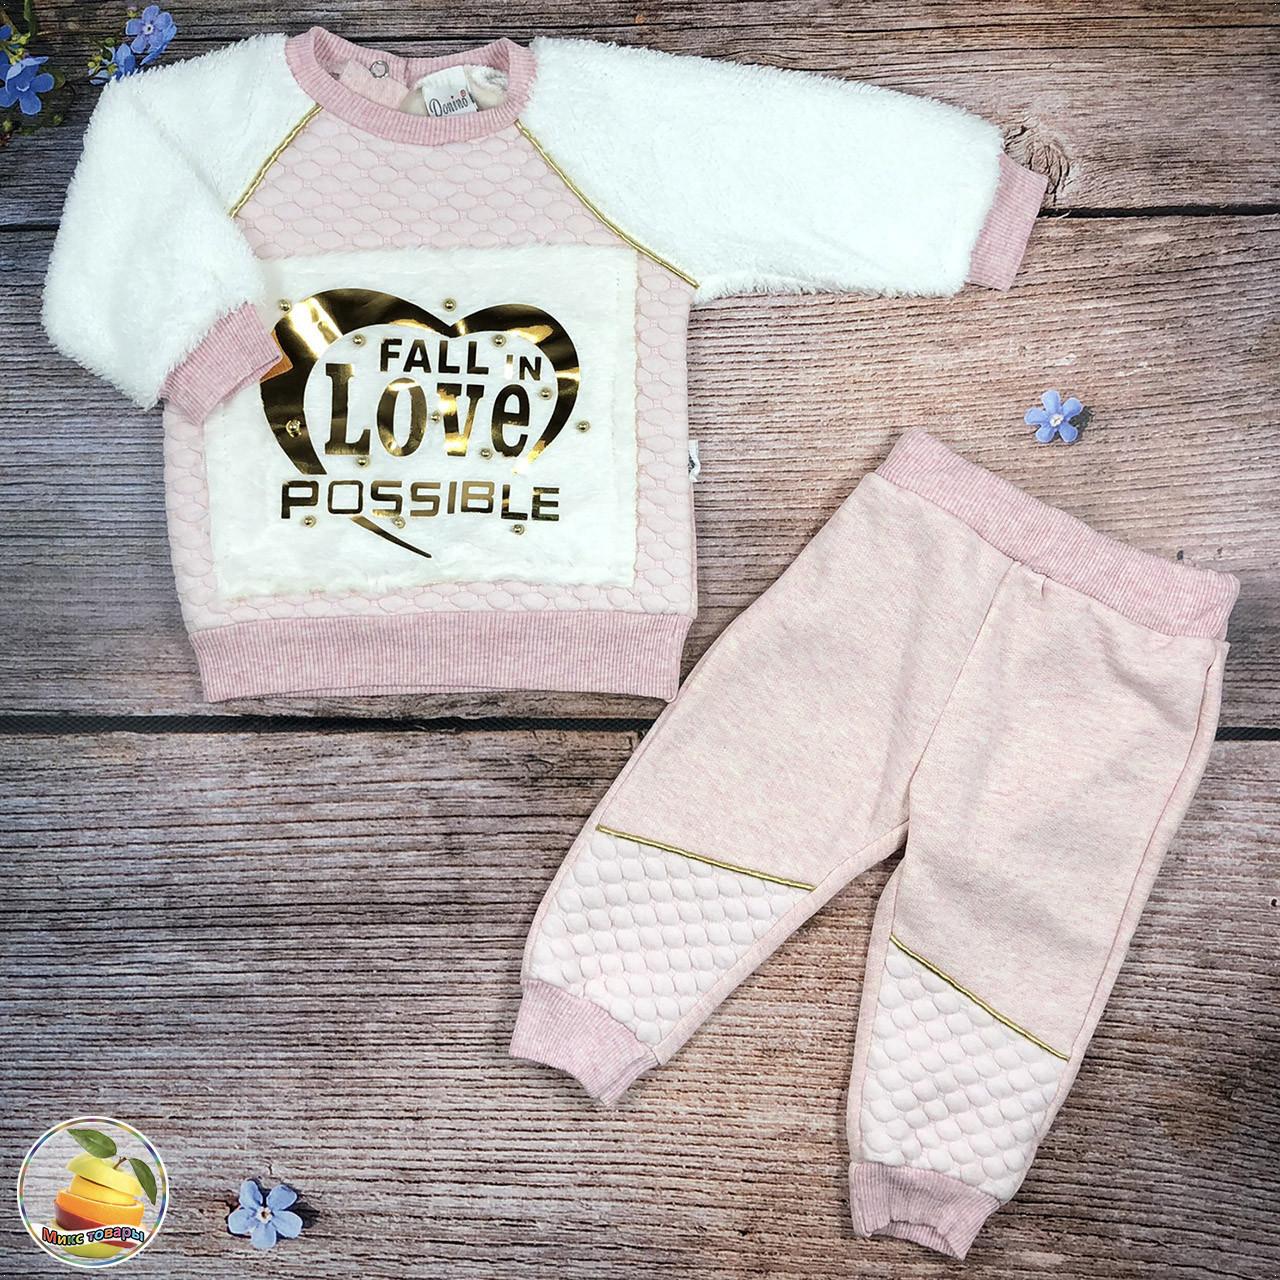 Утеплённый костюм для маленькой девочки Размеры: 6-9,9-12,12-18,18-24 месяцев (8880)